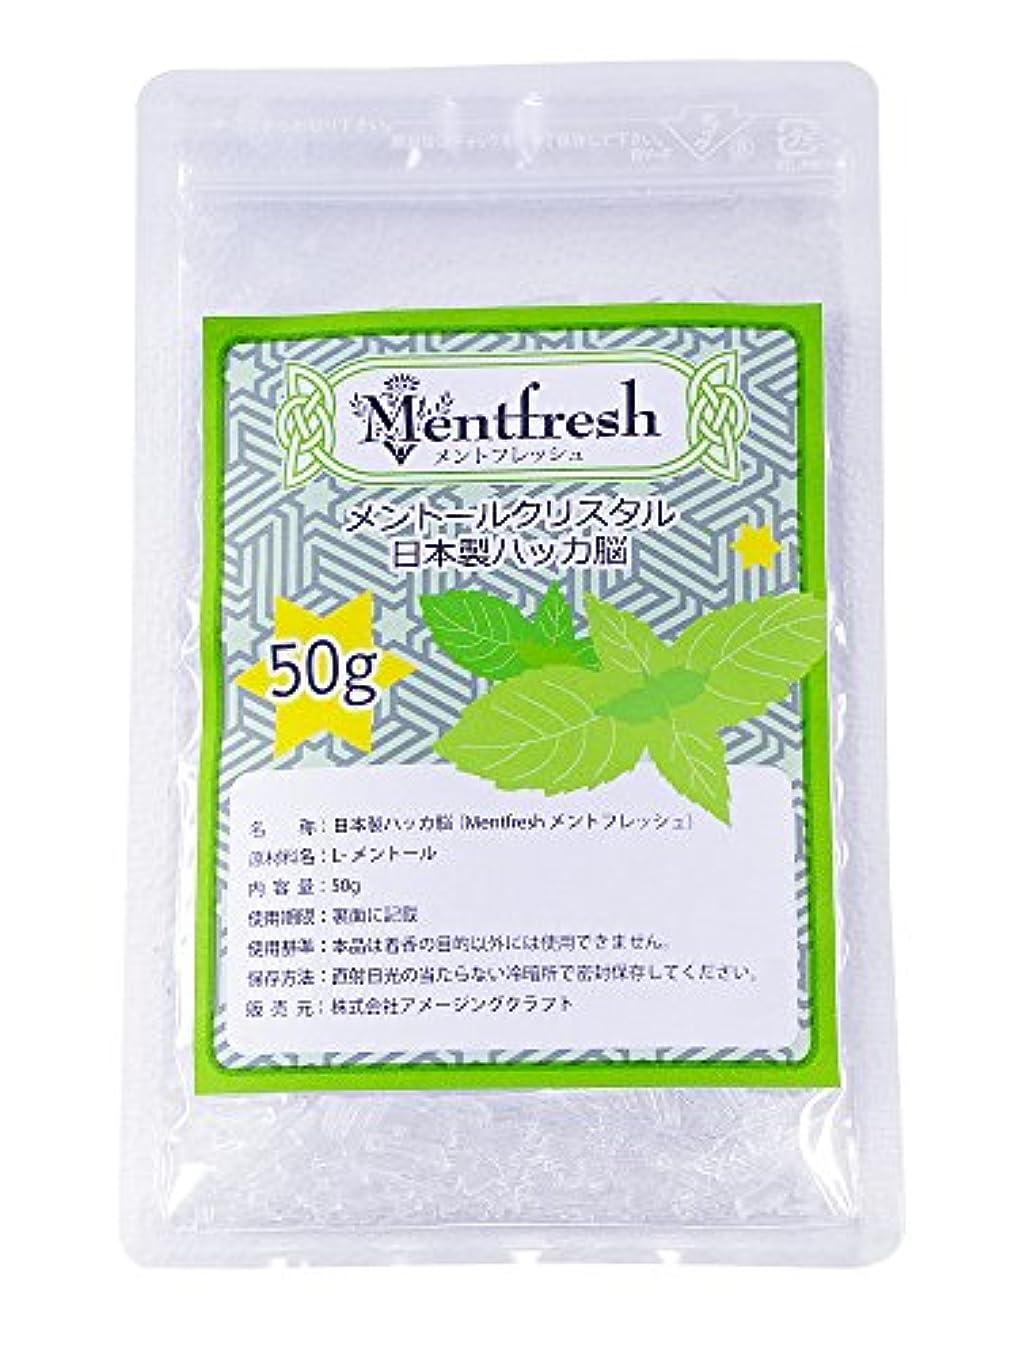 ホーム休眠非常に怒っています日本製 ハッカ結晶 メントフレッシュ メントールクリスタル (50g)